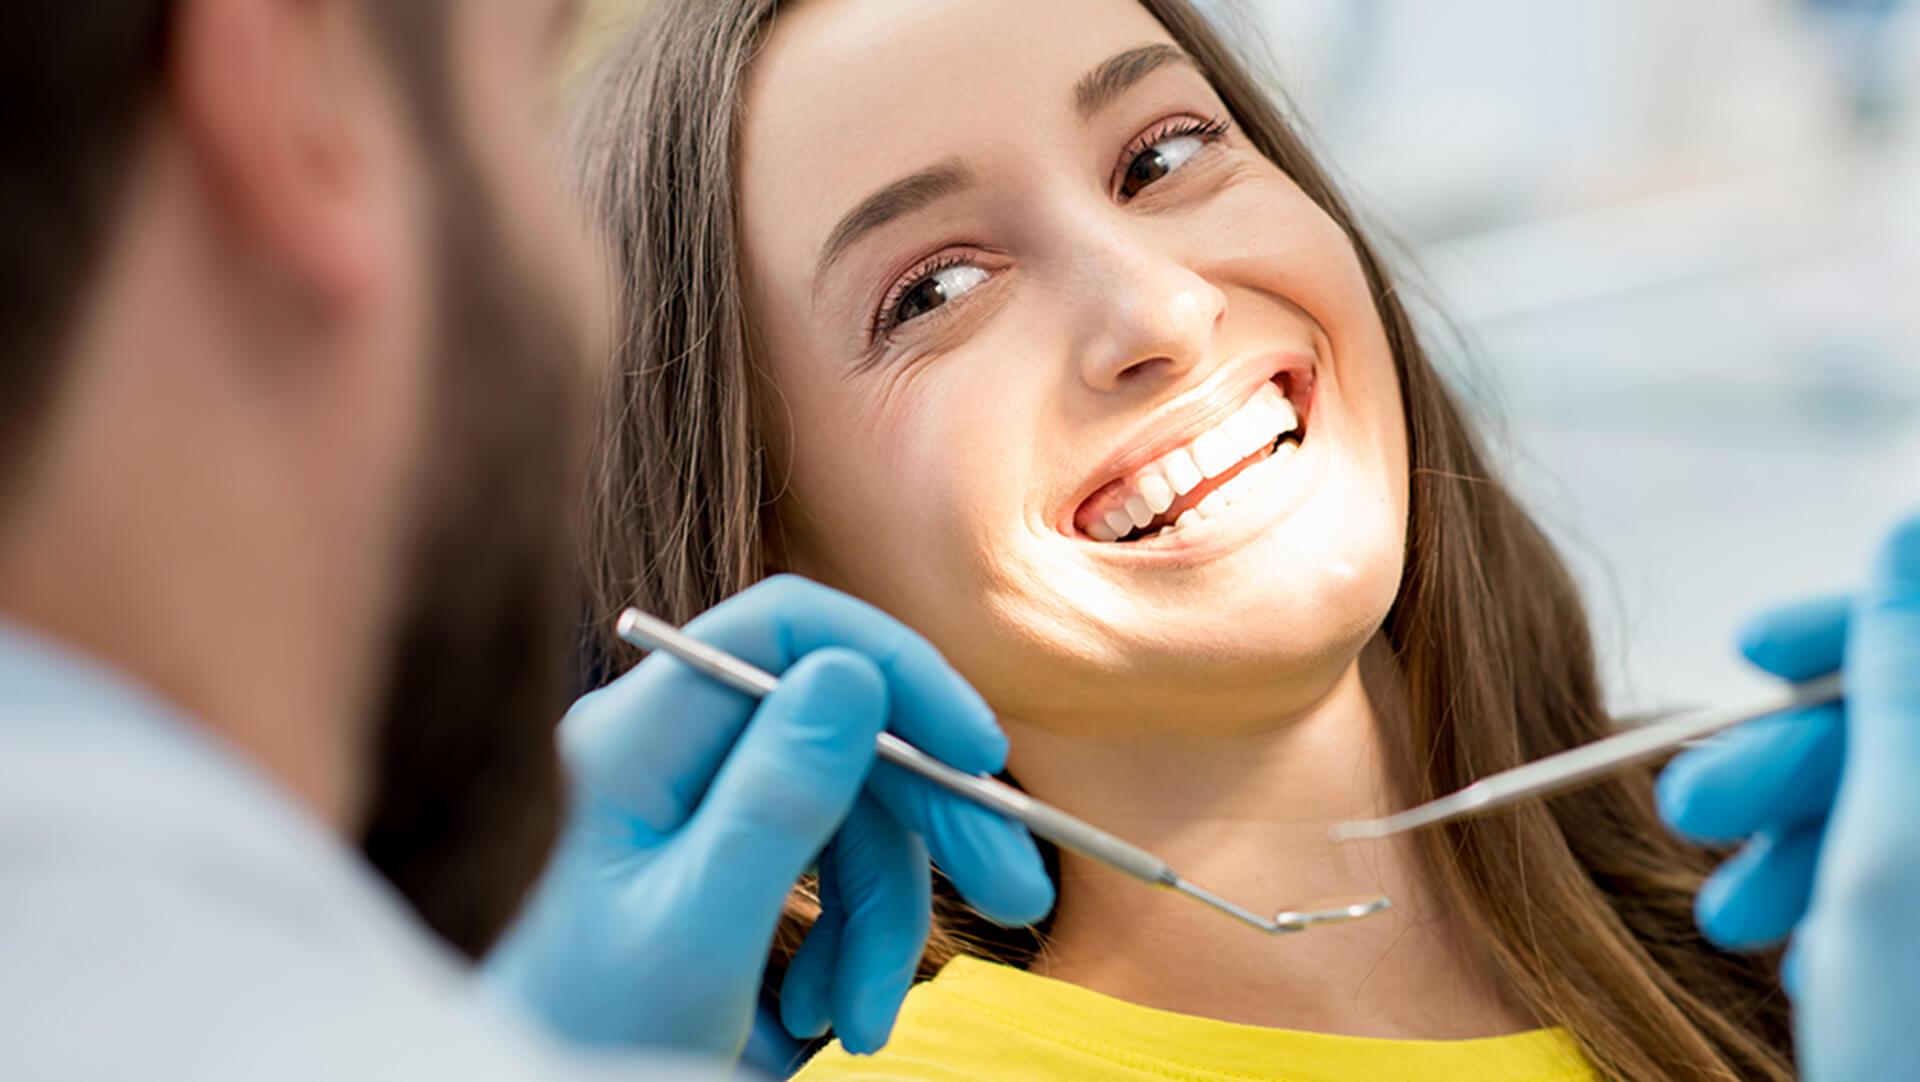 Zuzahlung Zahnersatz